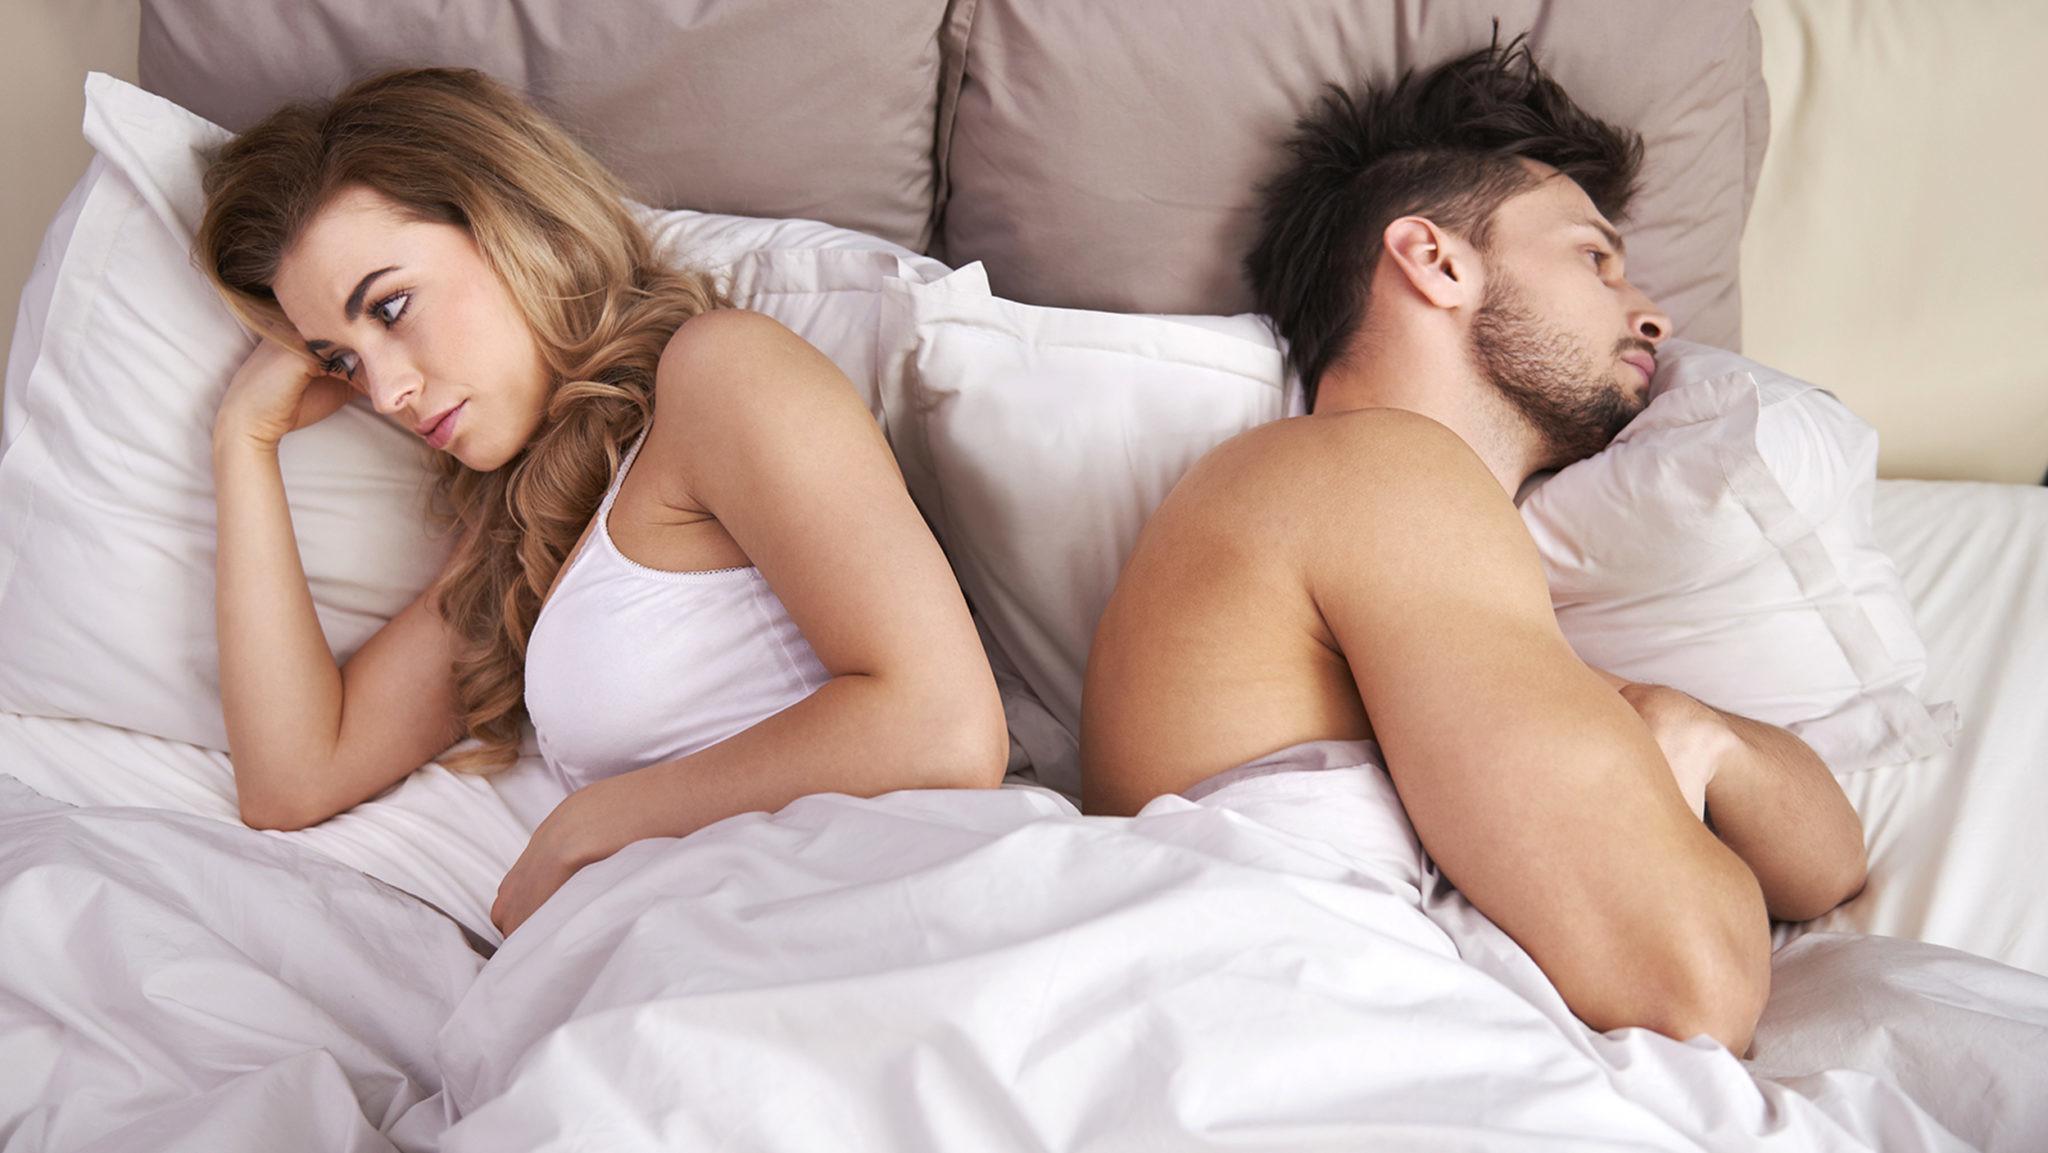 Обольстительная жена в постели с мужем видео — img 7